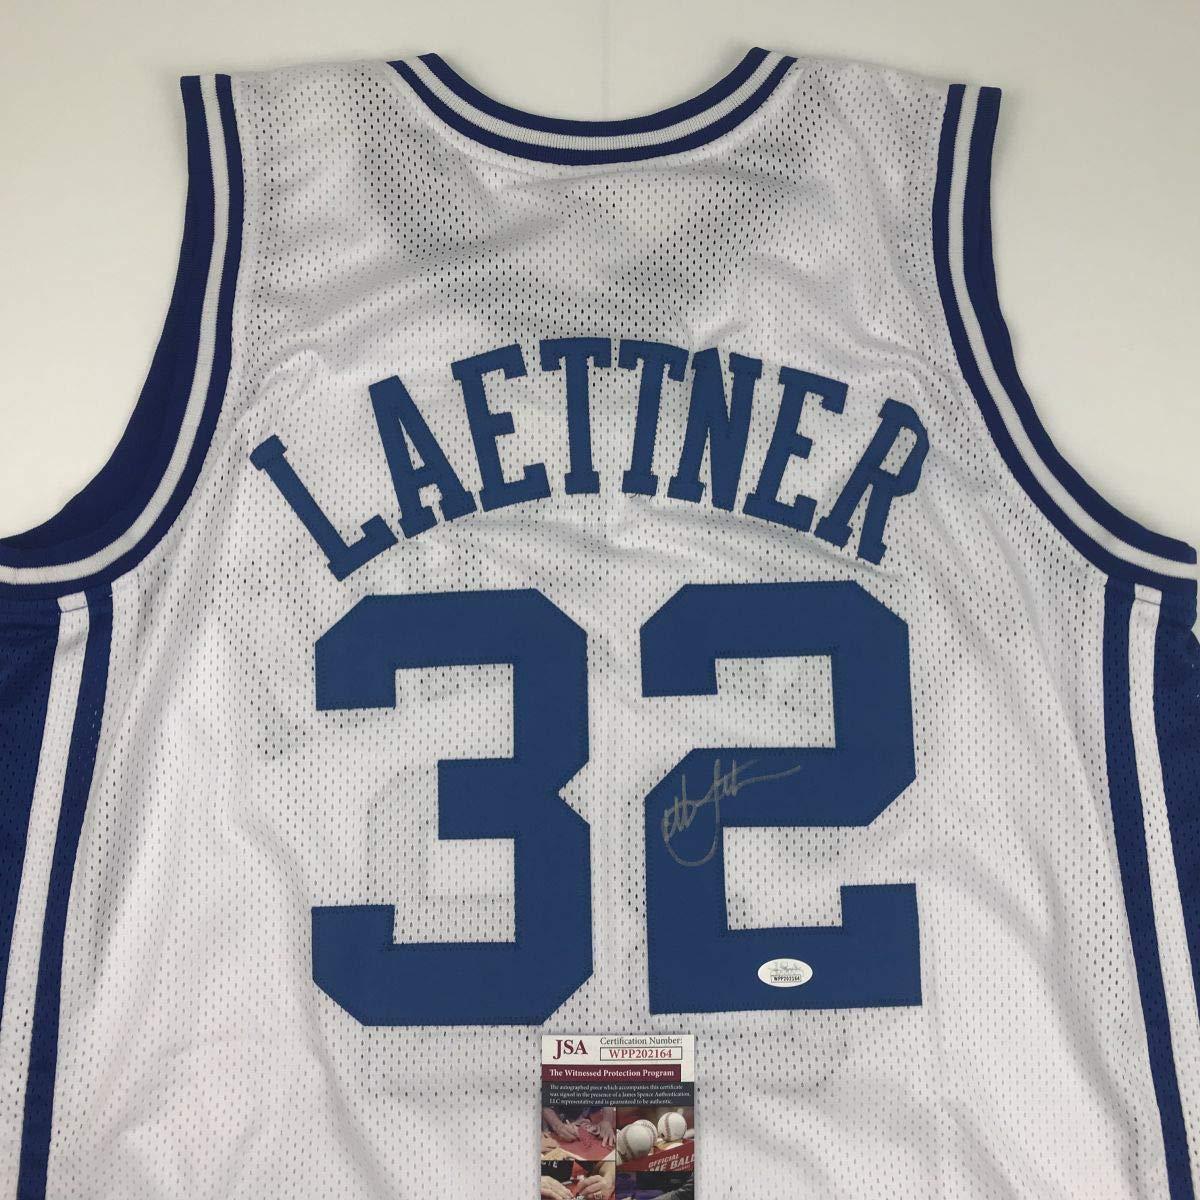 Autographed/Signed Christian Laettner Duke Blue Devils White Basketball Jersey JSA COA